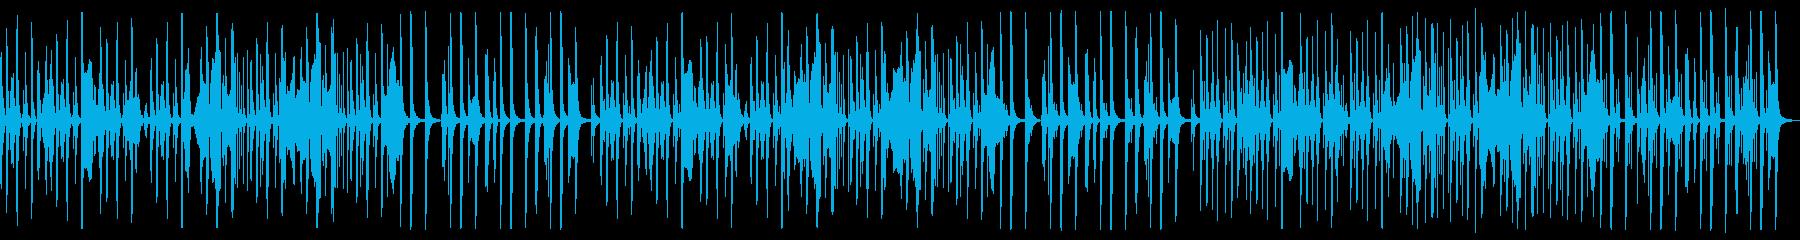 【ループ版】YouTube ハーモニカの再生済みの波形